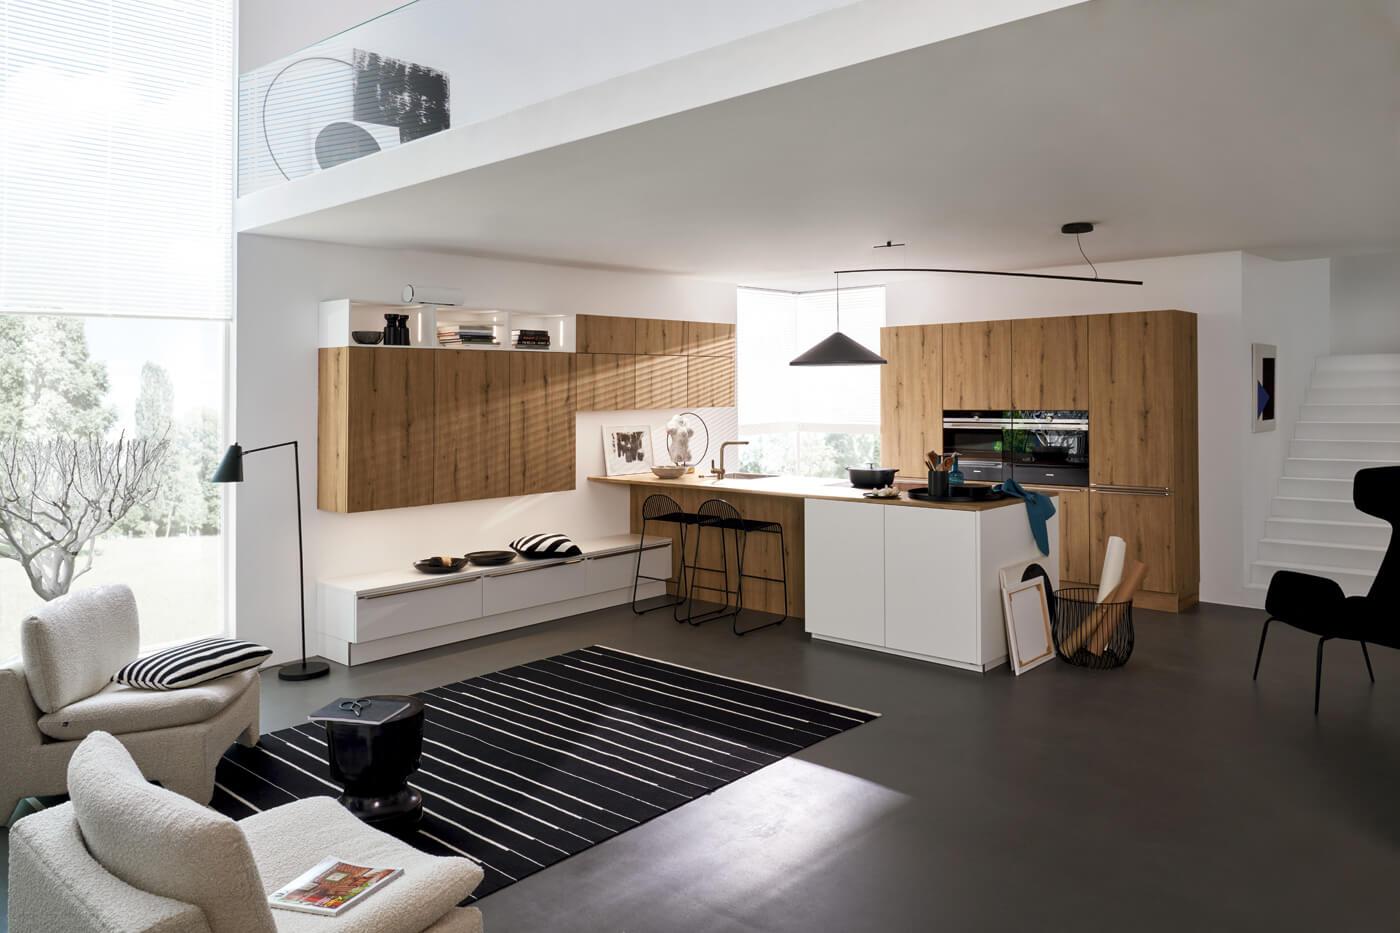 Hedendaagse keuken met houtnerfkasten